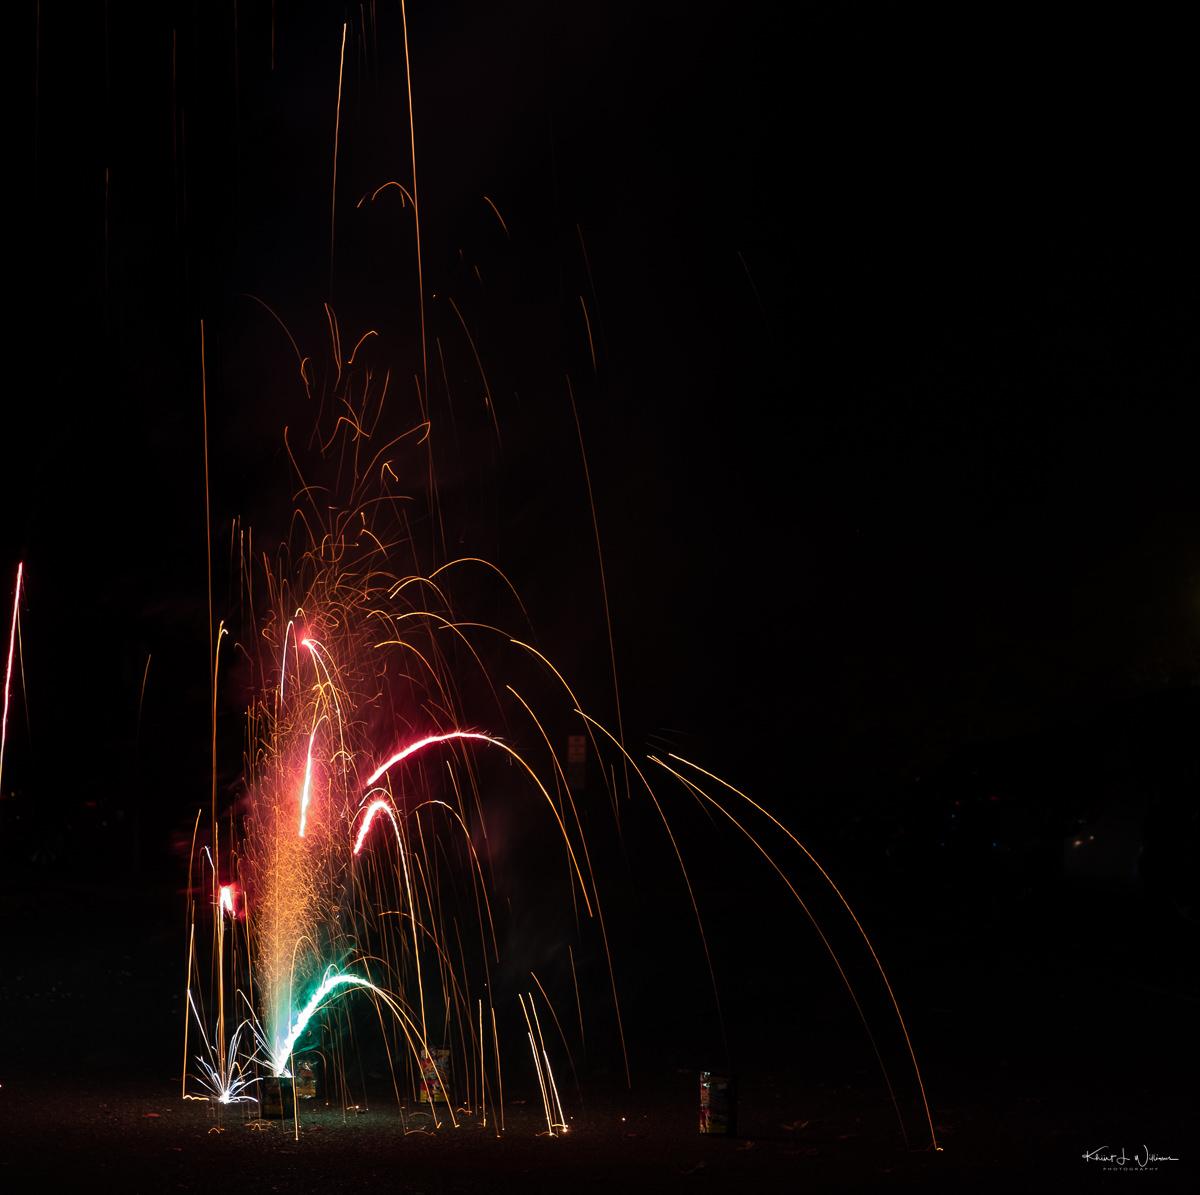 <span class='p-name'>Happy Diwali and Sal Mubarak</span>